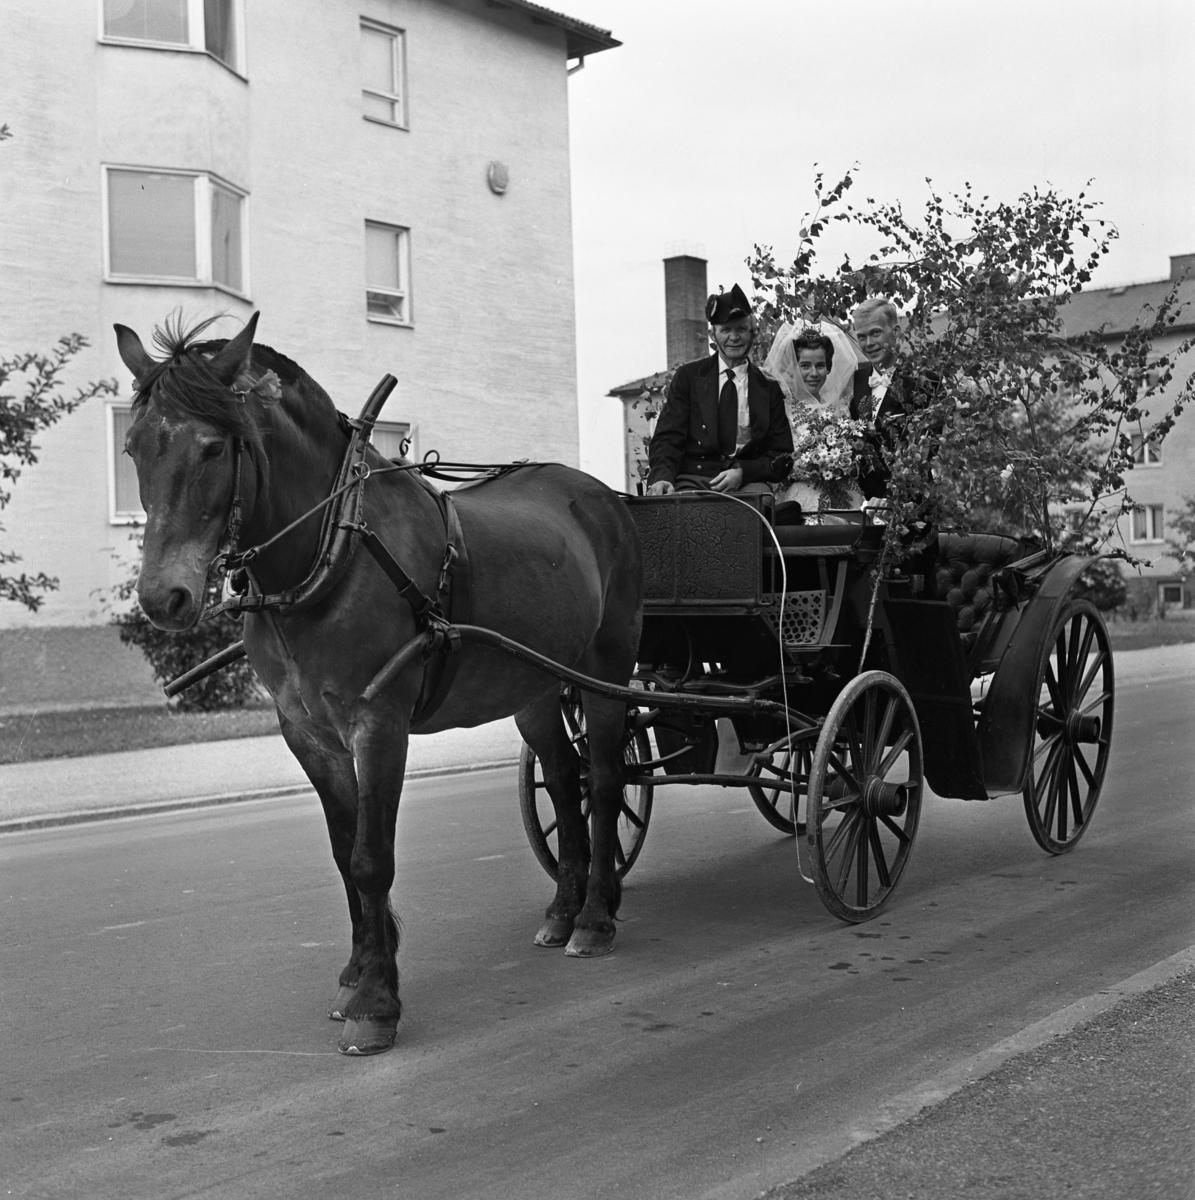 Kusken Gustav Jansson kör brudparet Levin i björkklädd vagn. Bruden bär krona och slöja. I buketten ses rosor och prästkragar. Gustav har uniform och hästen har en blomma vid örat.